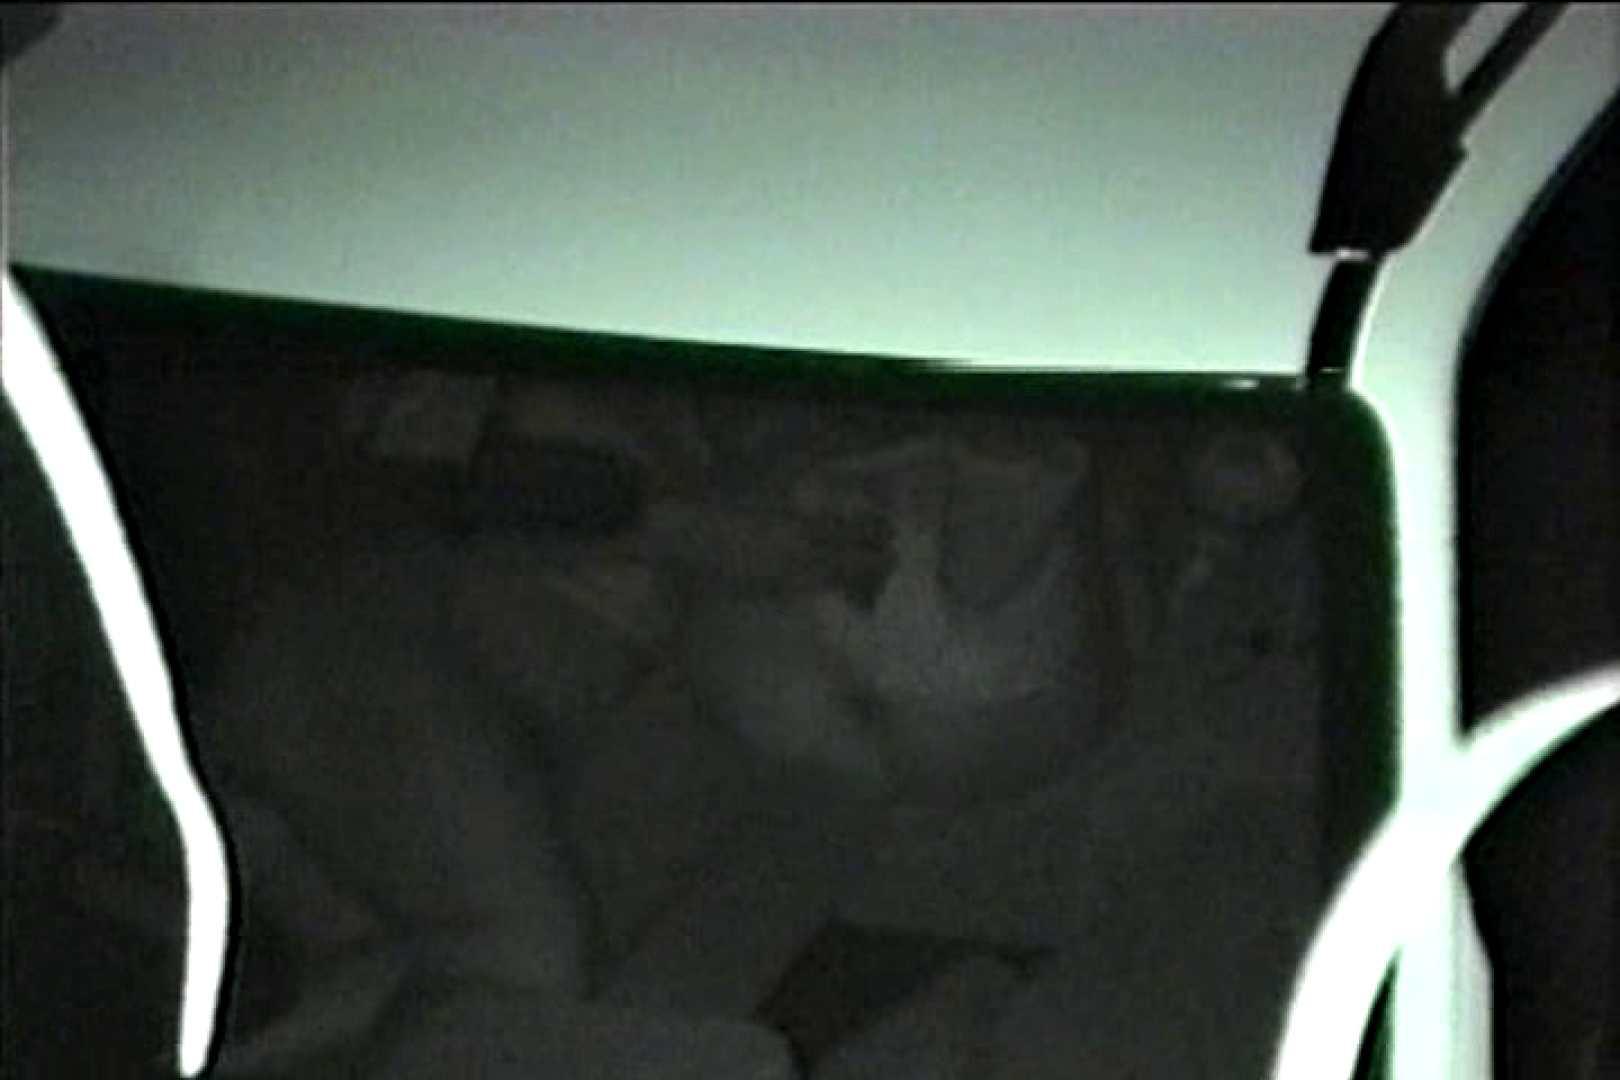 車の中はラブホテル 無修正版  Vol.7 ラブホテル SEX無修正画像 60連発 31